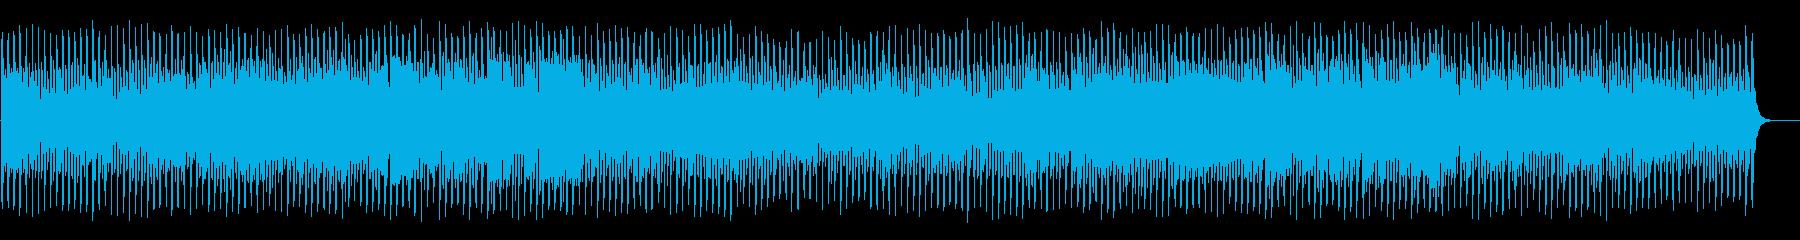 ミステリアスでコミカルなハロウィンBGMの再生済みの波形